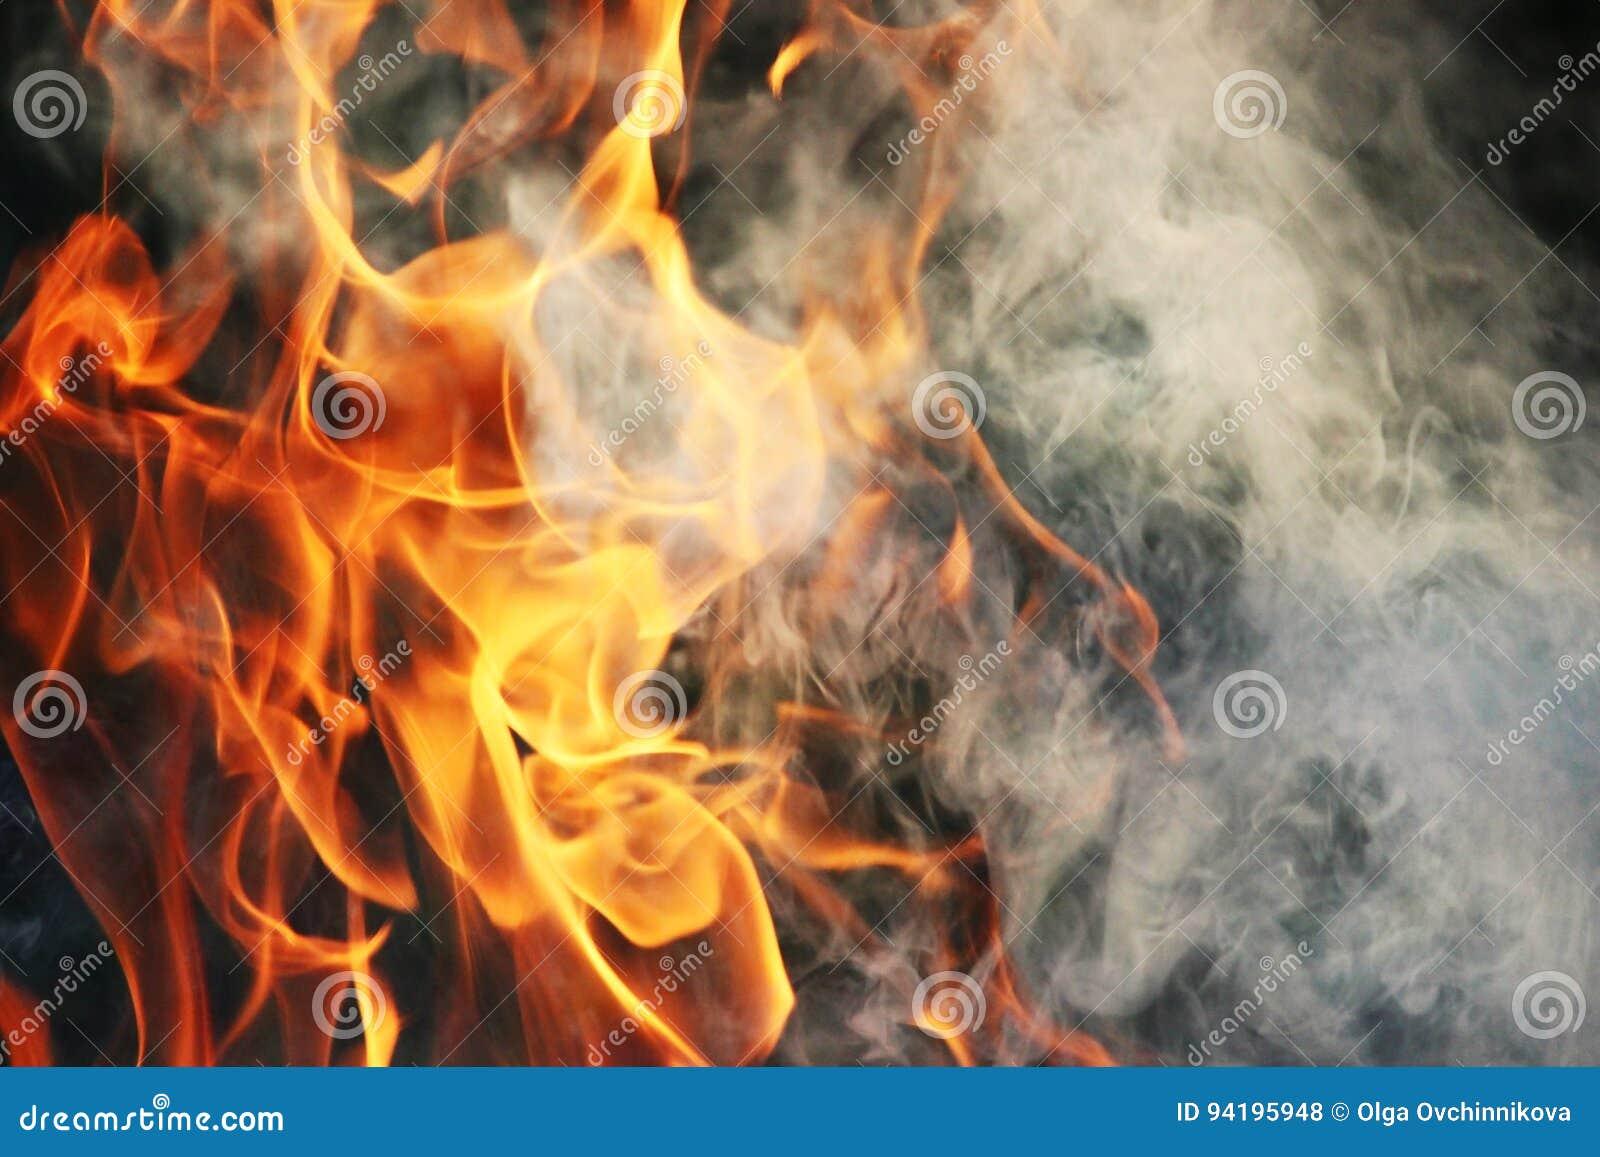 En rituell dans av brand och rök mot en bakgrund av grönt gräs element tre